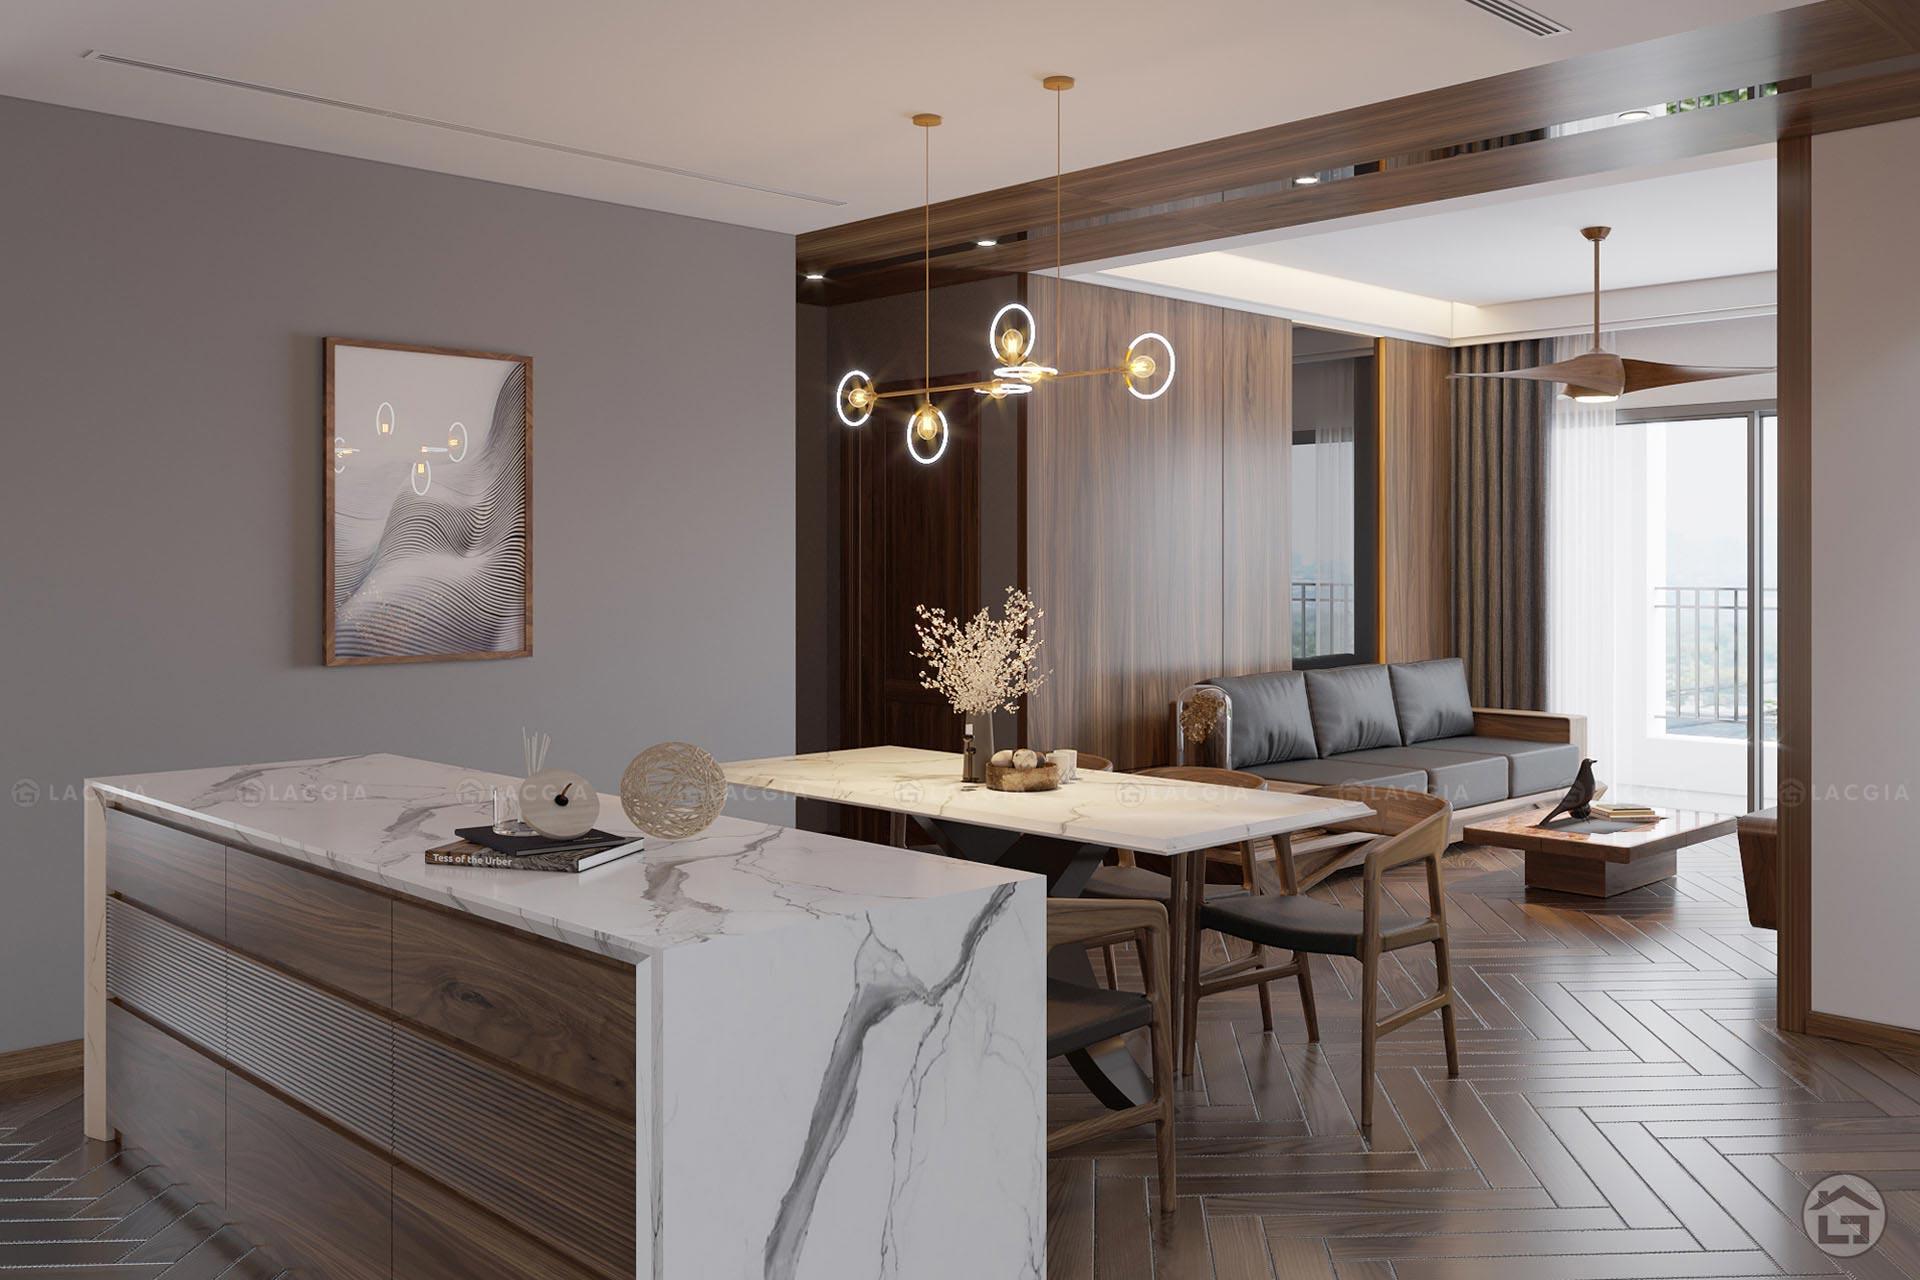 Dự án thiết kế nội thất chung cư cao cấp King Palace 124m2 3PN